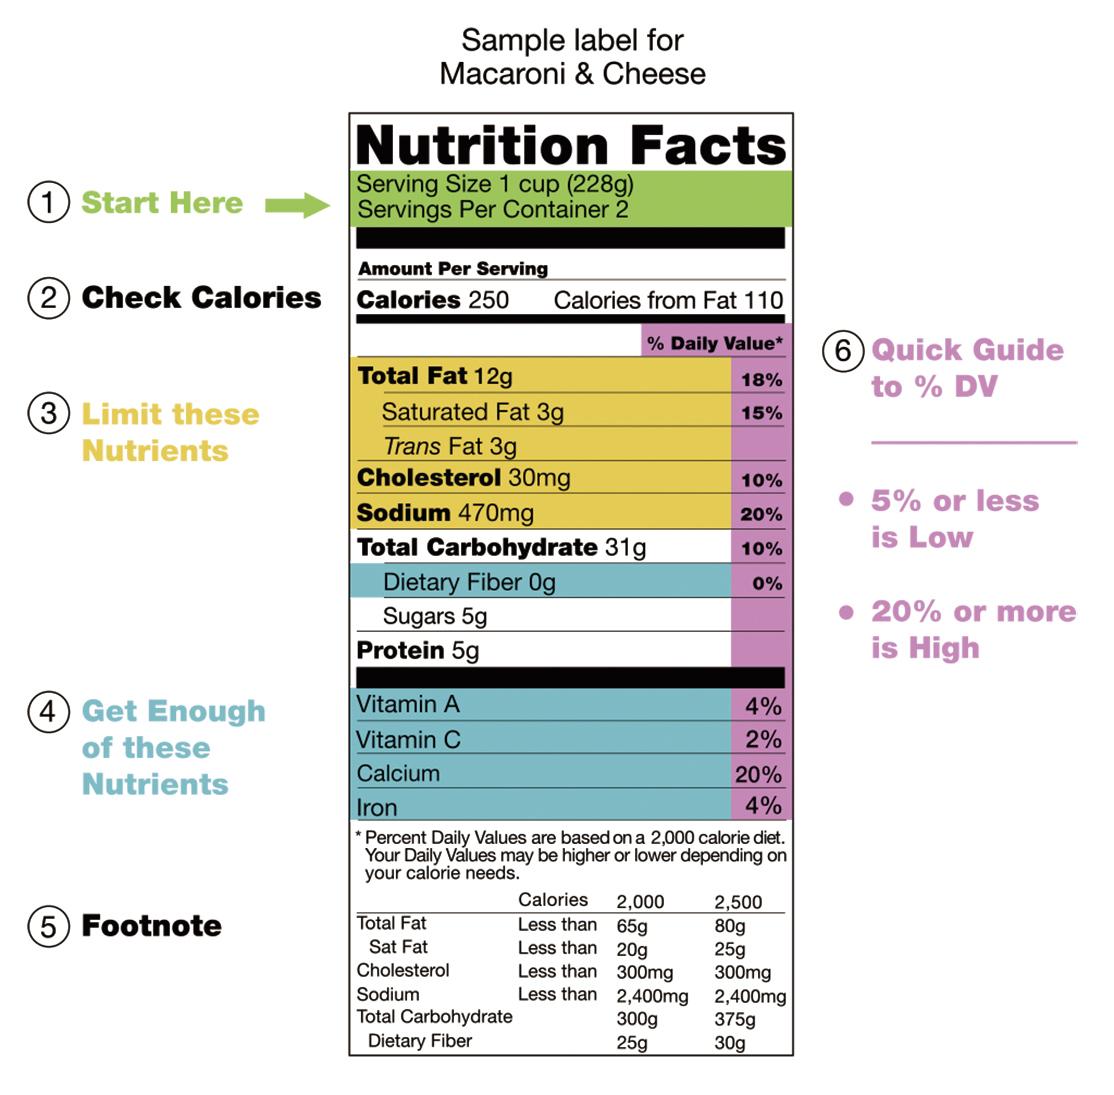 知道如何閱讀營養標籤可以幫助人們獲得所需的營養含量知識。(wikipedia.org)